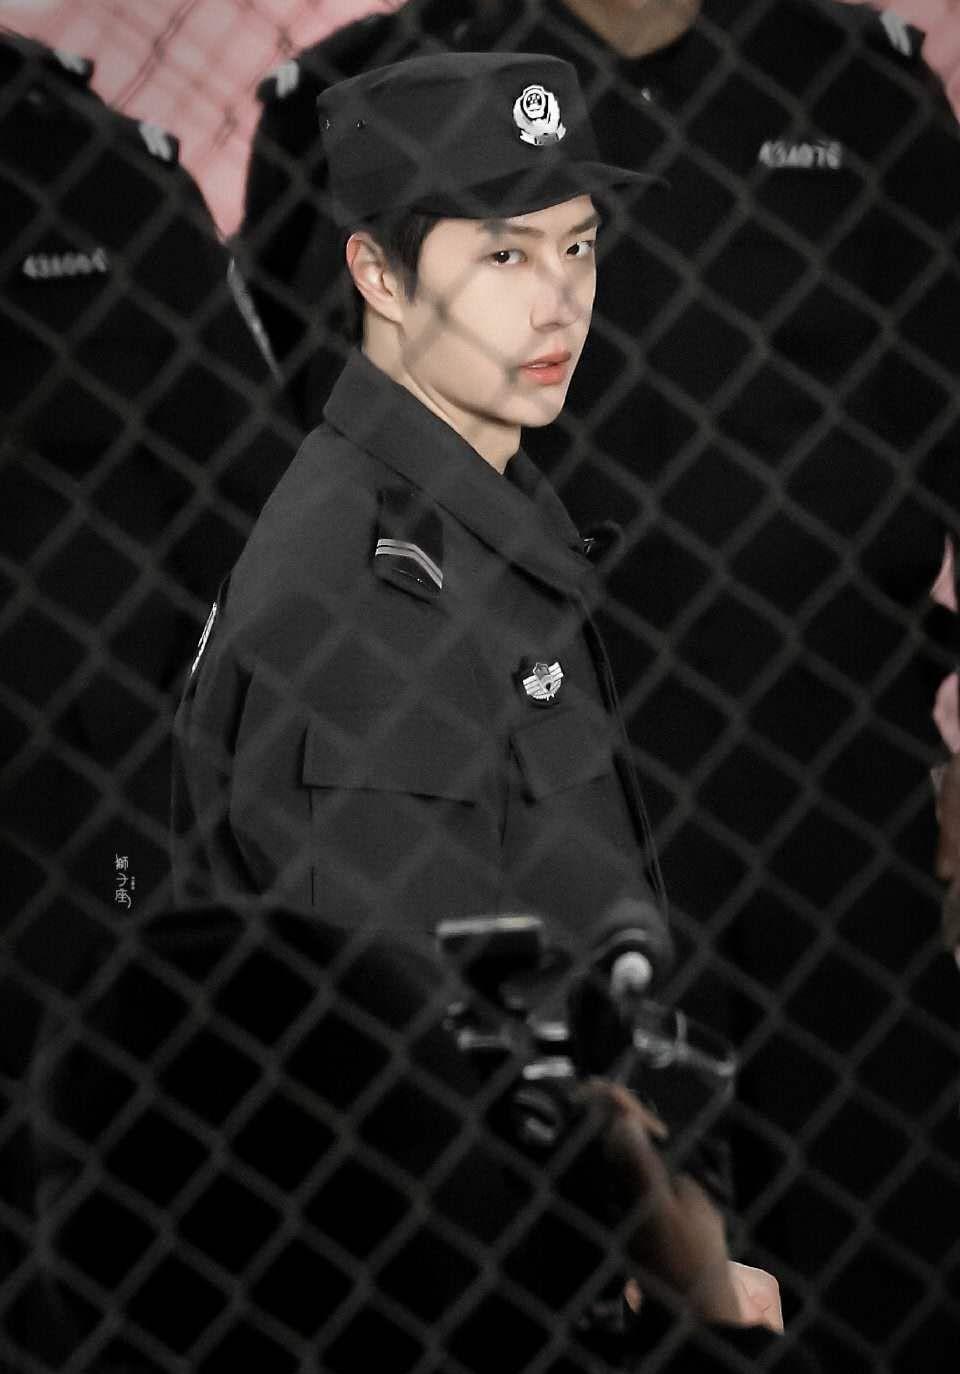 王一博法警训练太飒了